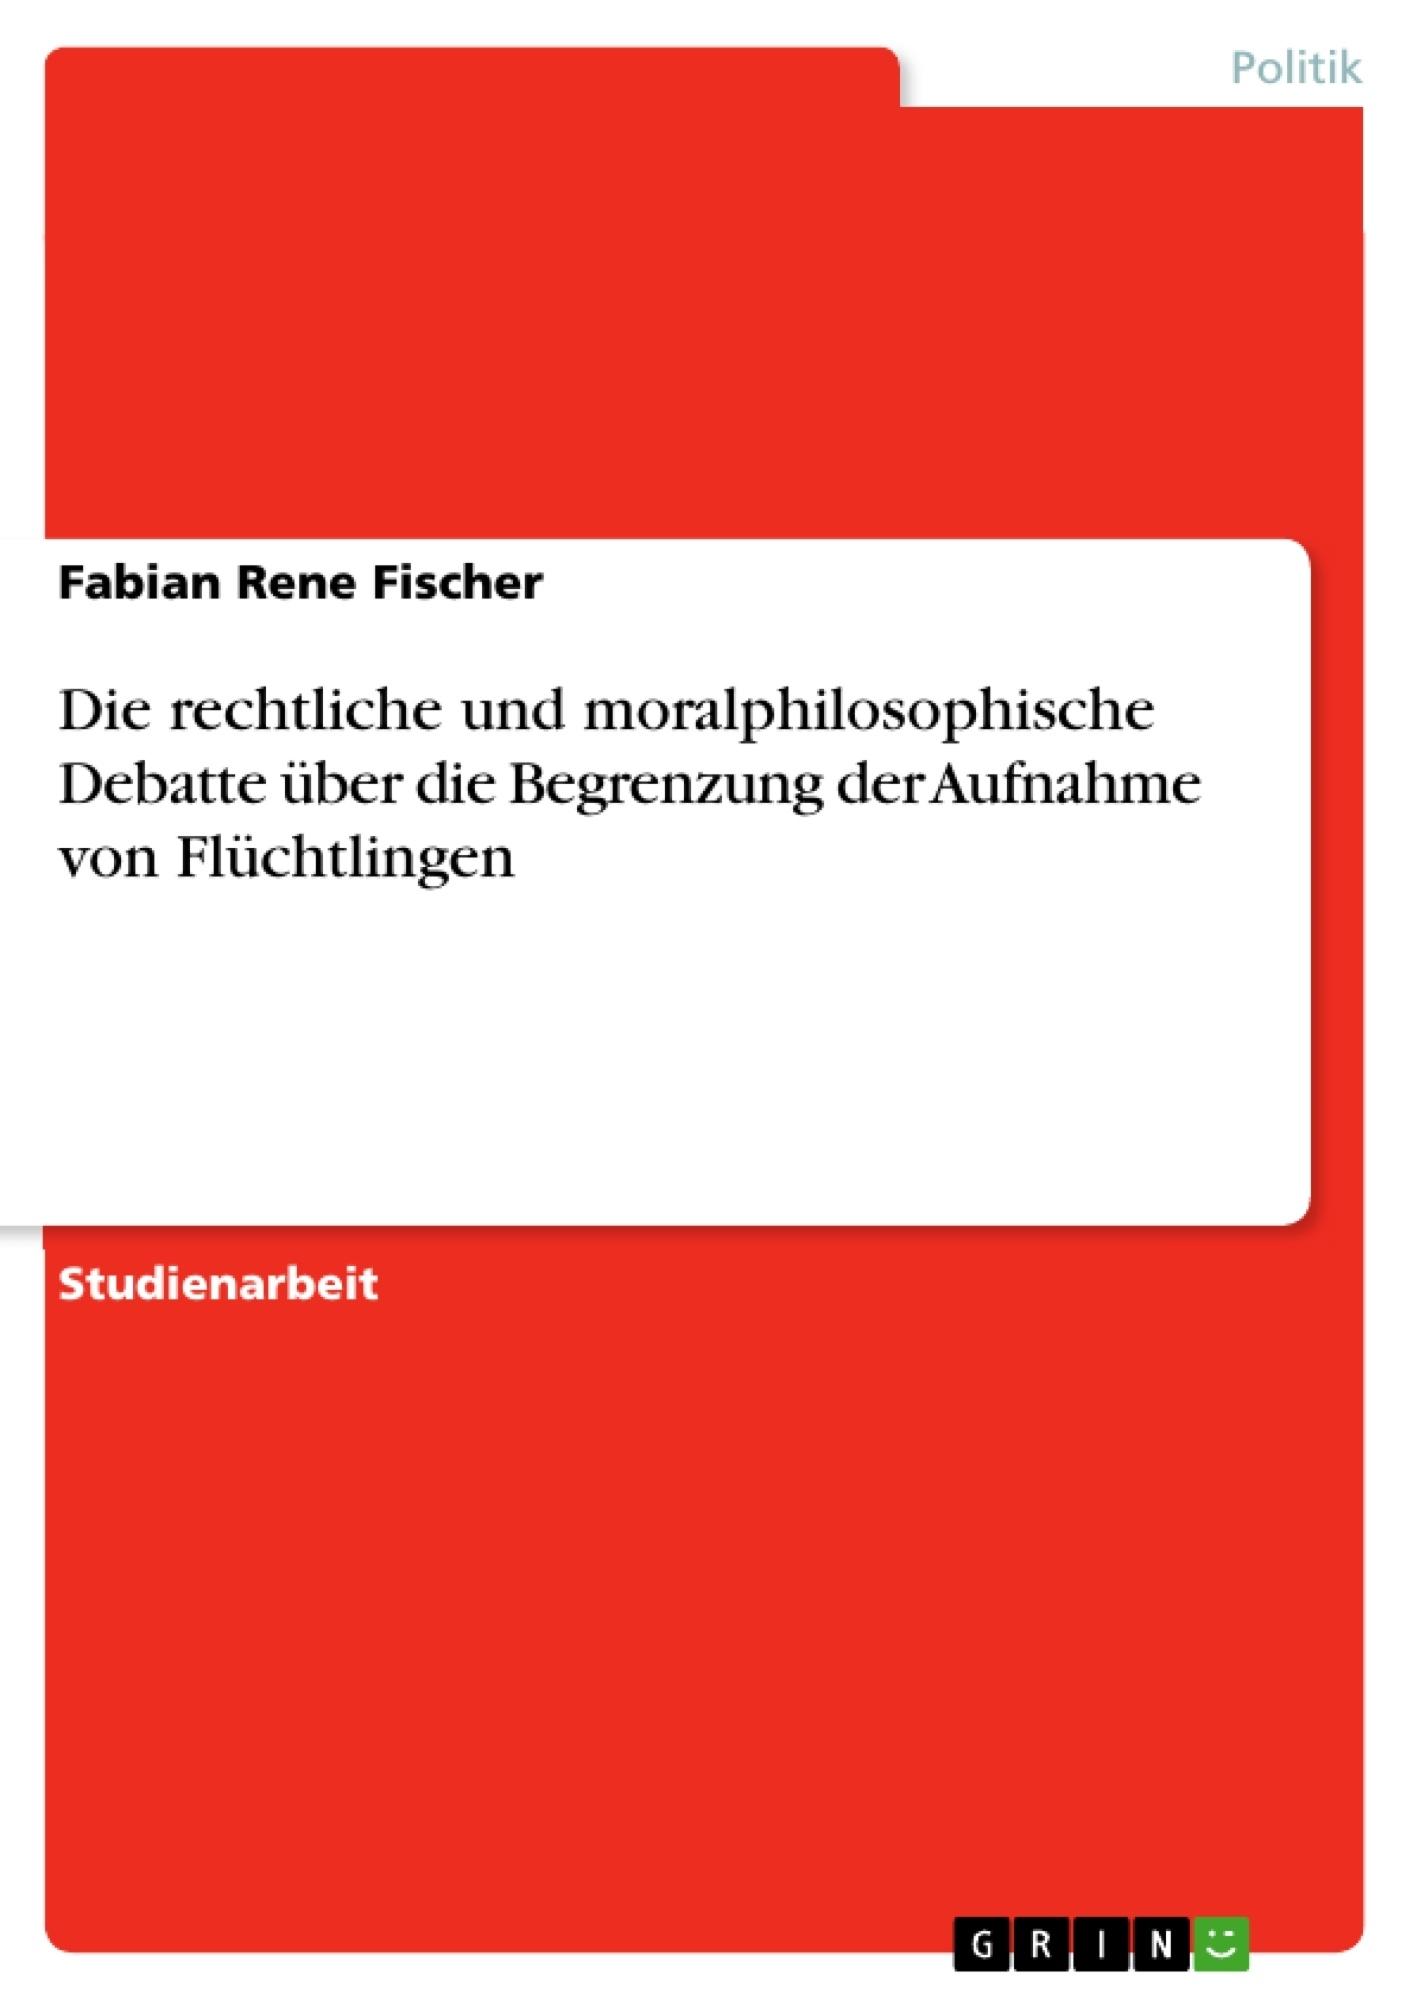 Titel: Die rechtliche und moralphilosophische Debatte über die Begrenzung der Aufnahme von Flüchtlingen